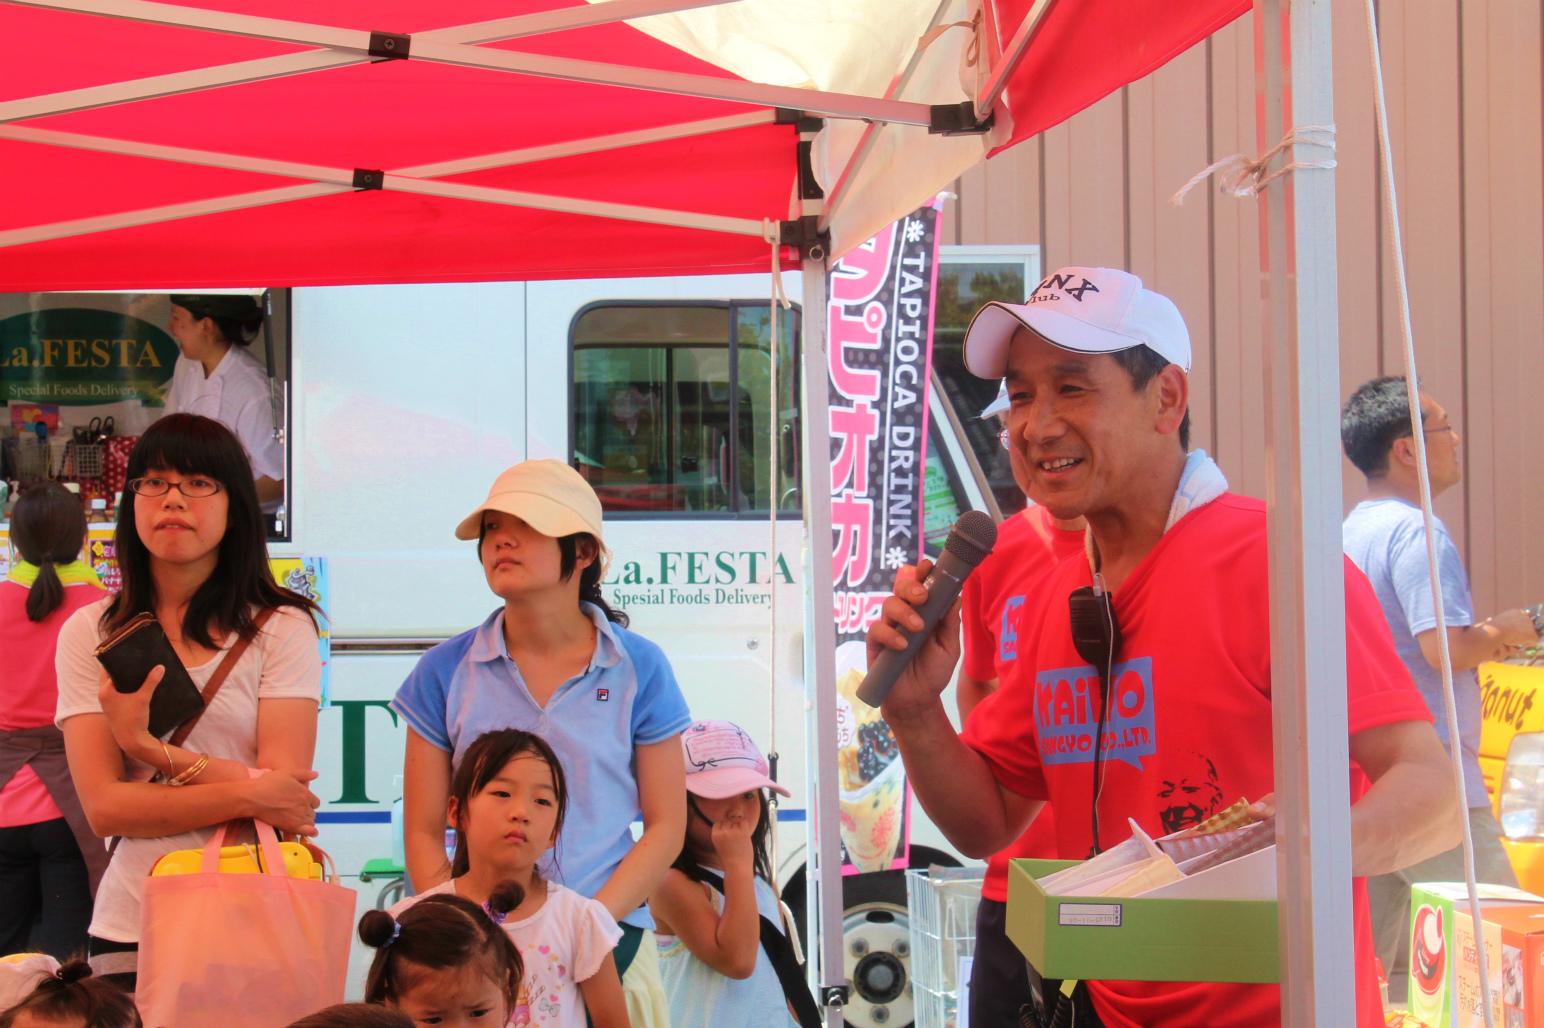 http://www.kaiho.co.jp/jp/news/img/sIMG_0314.jpg